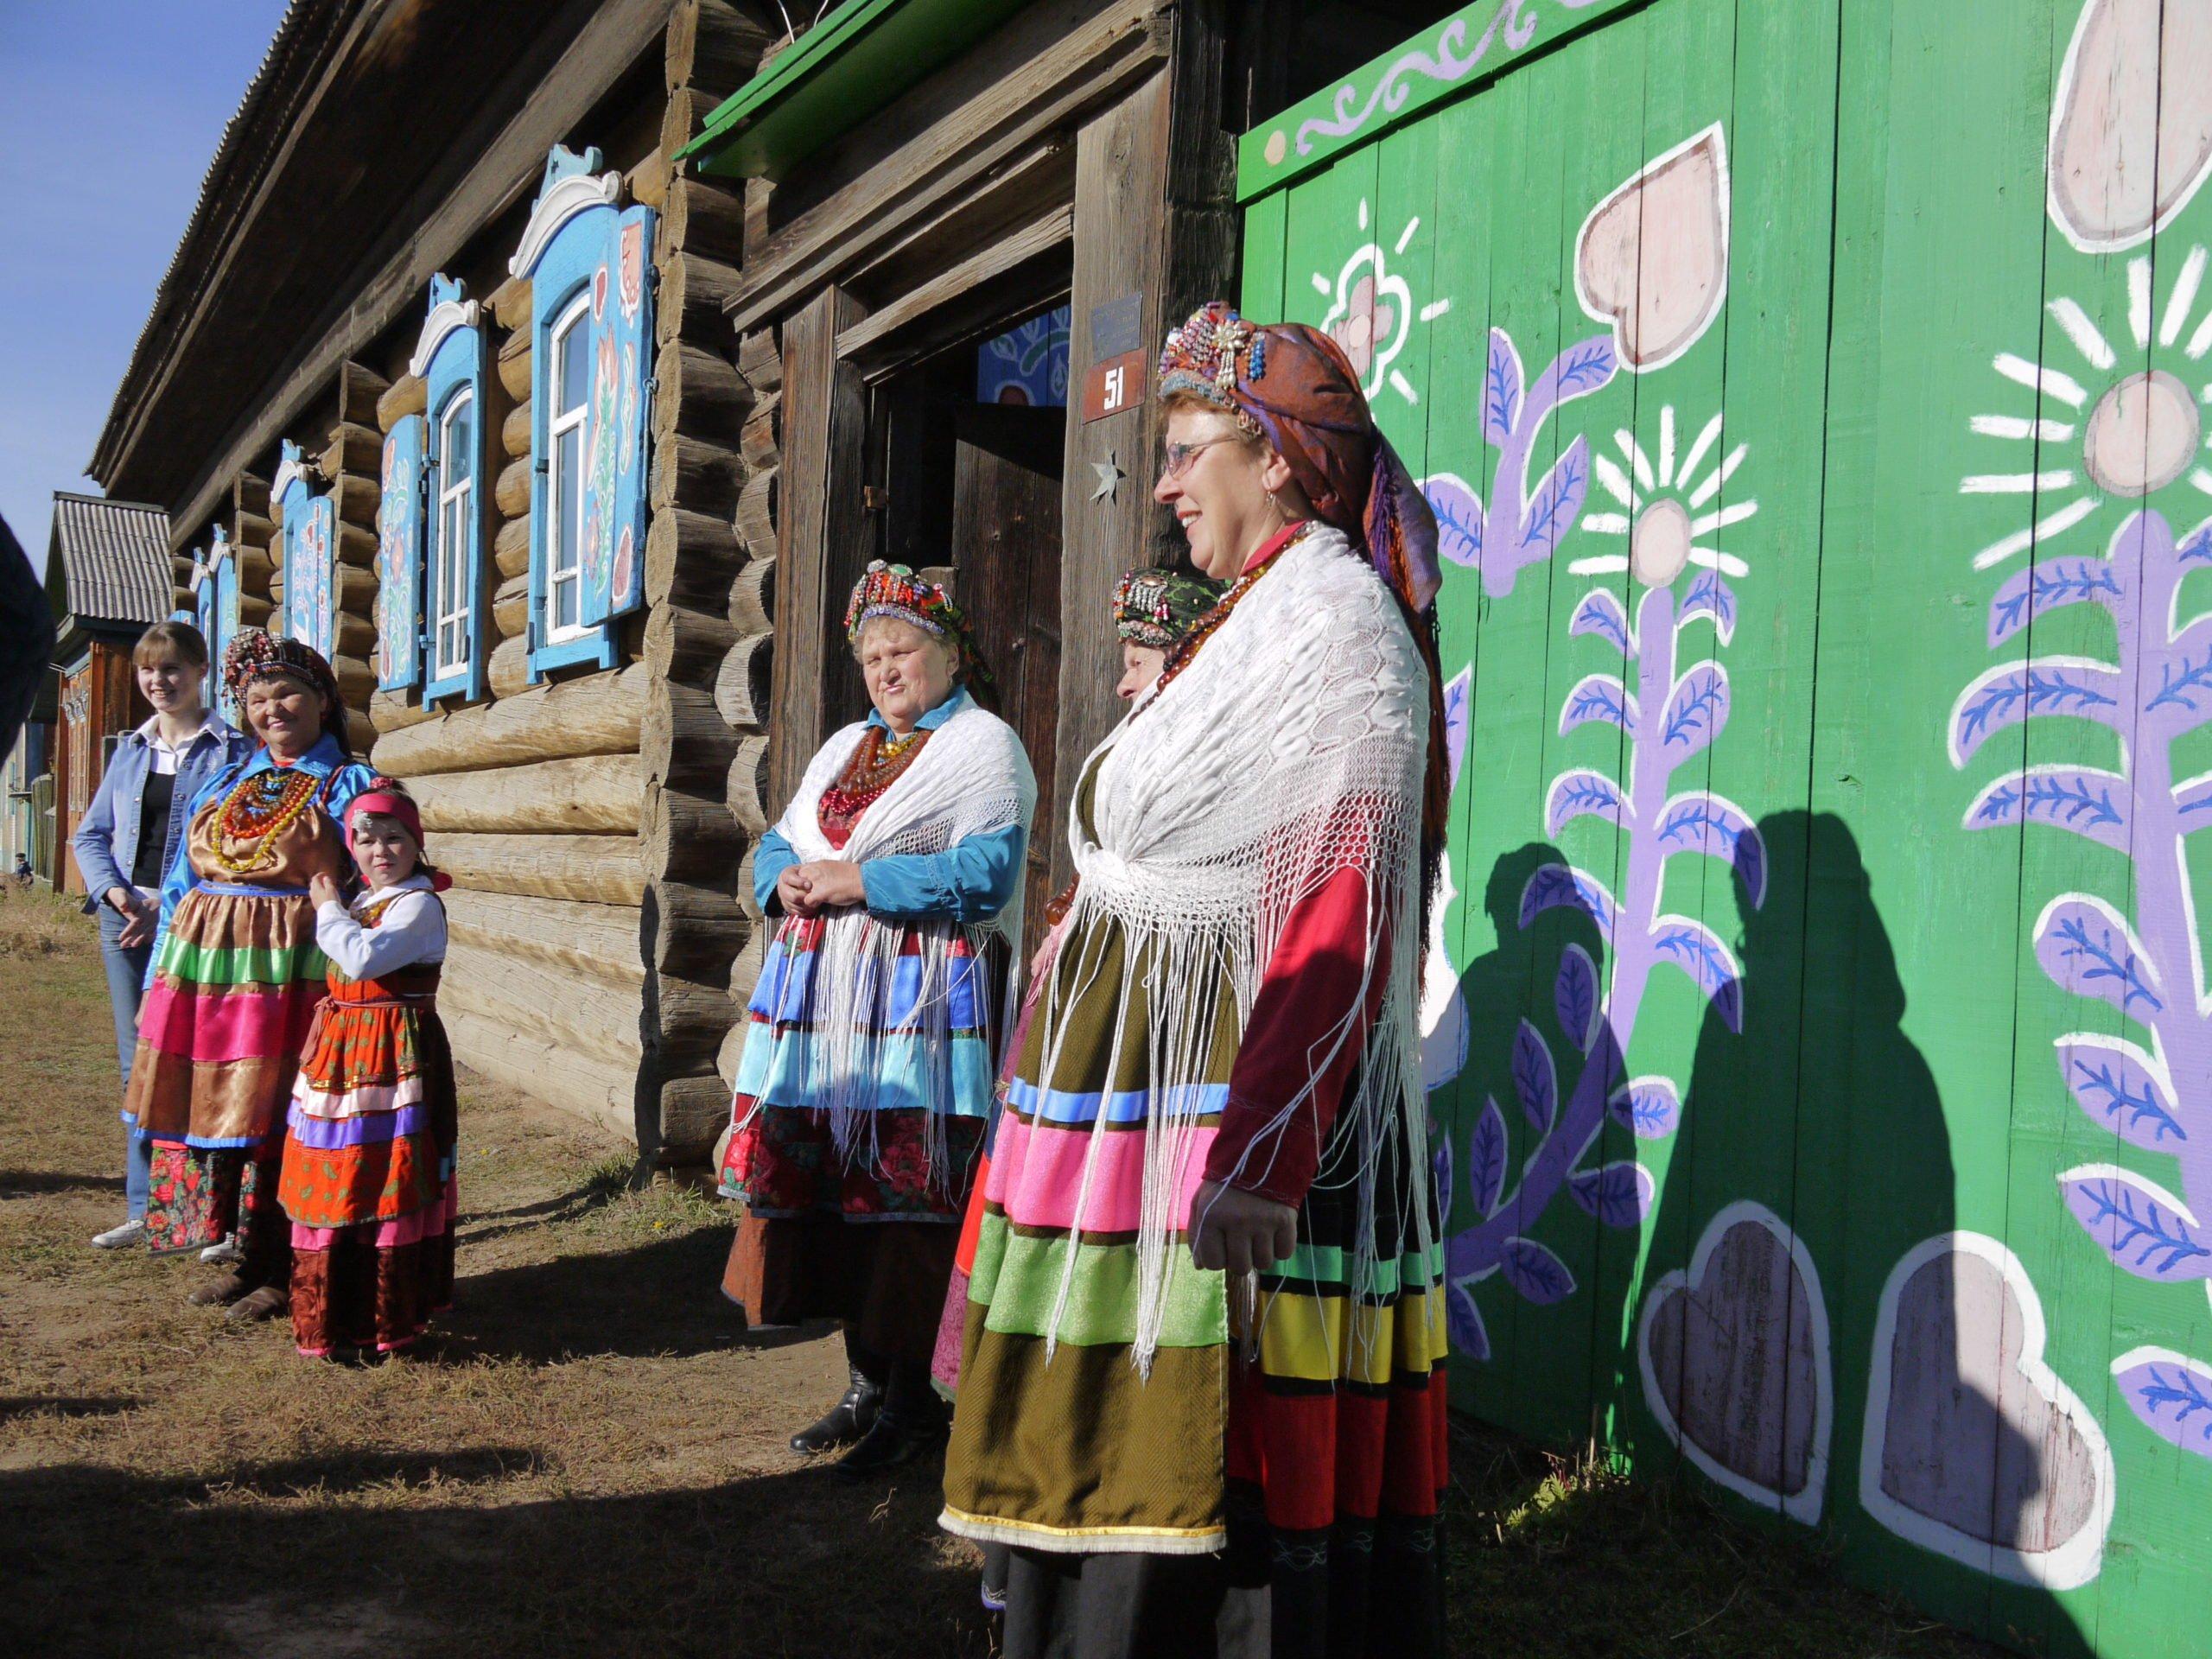 Putovanje Rusija - Bajkalsko jezero (3)